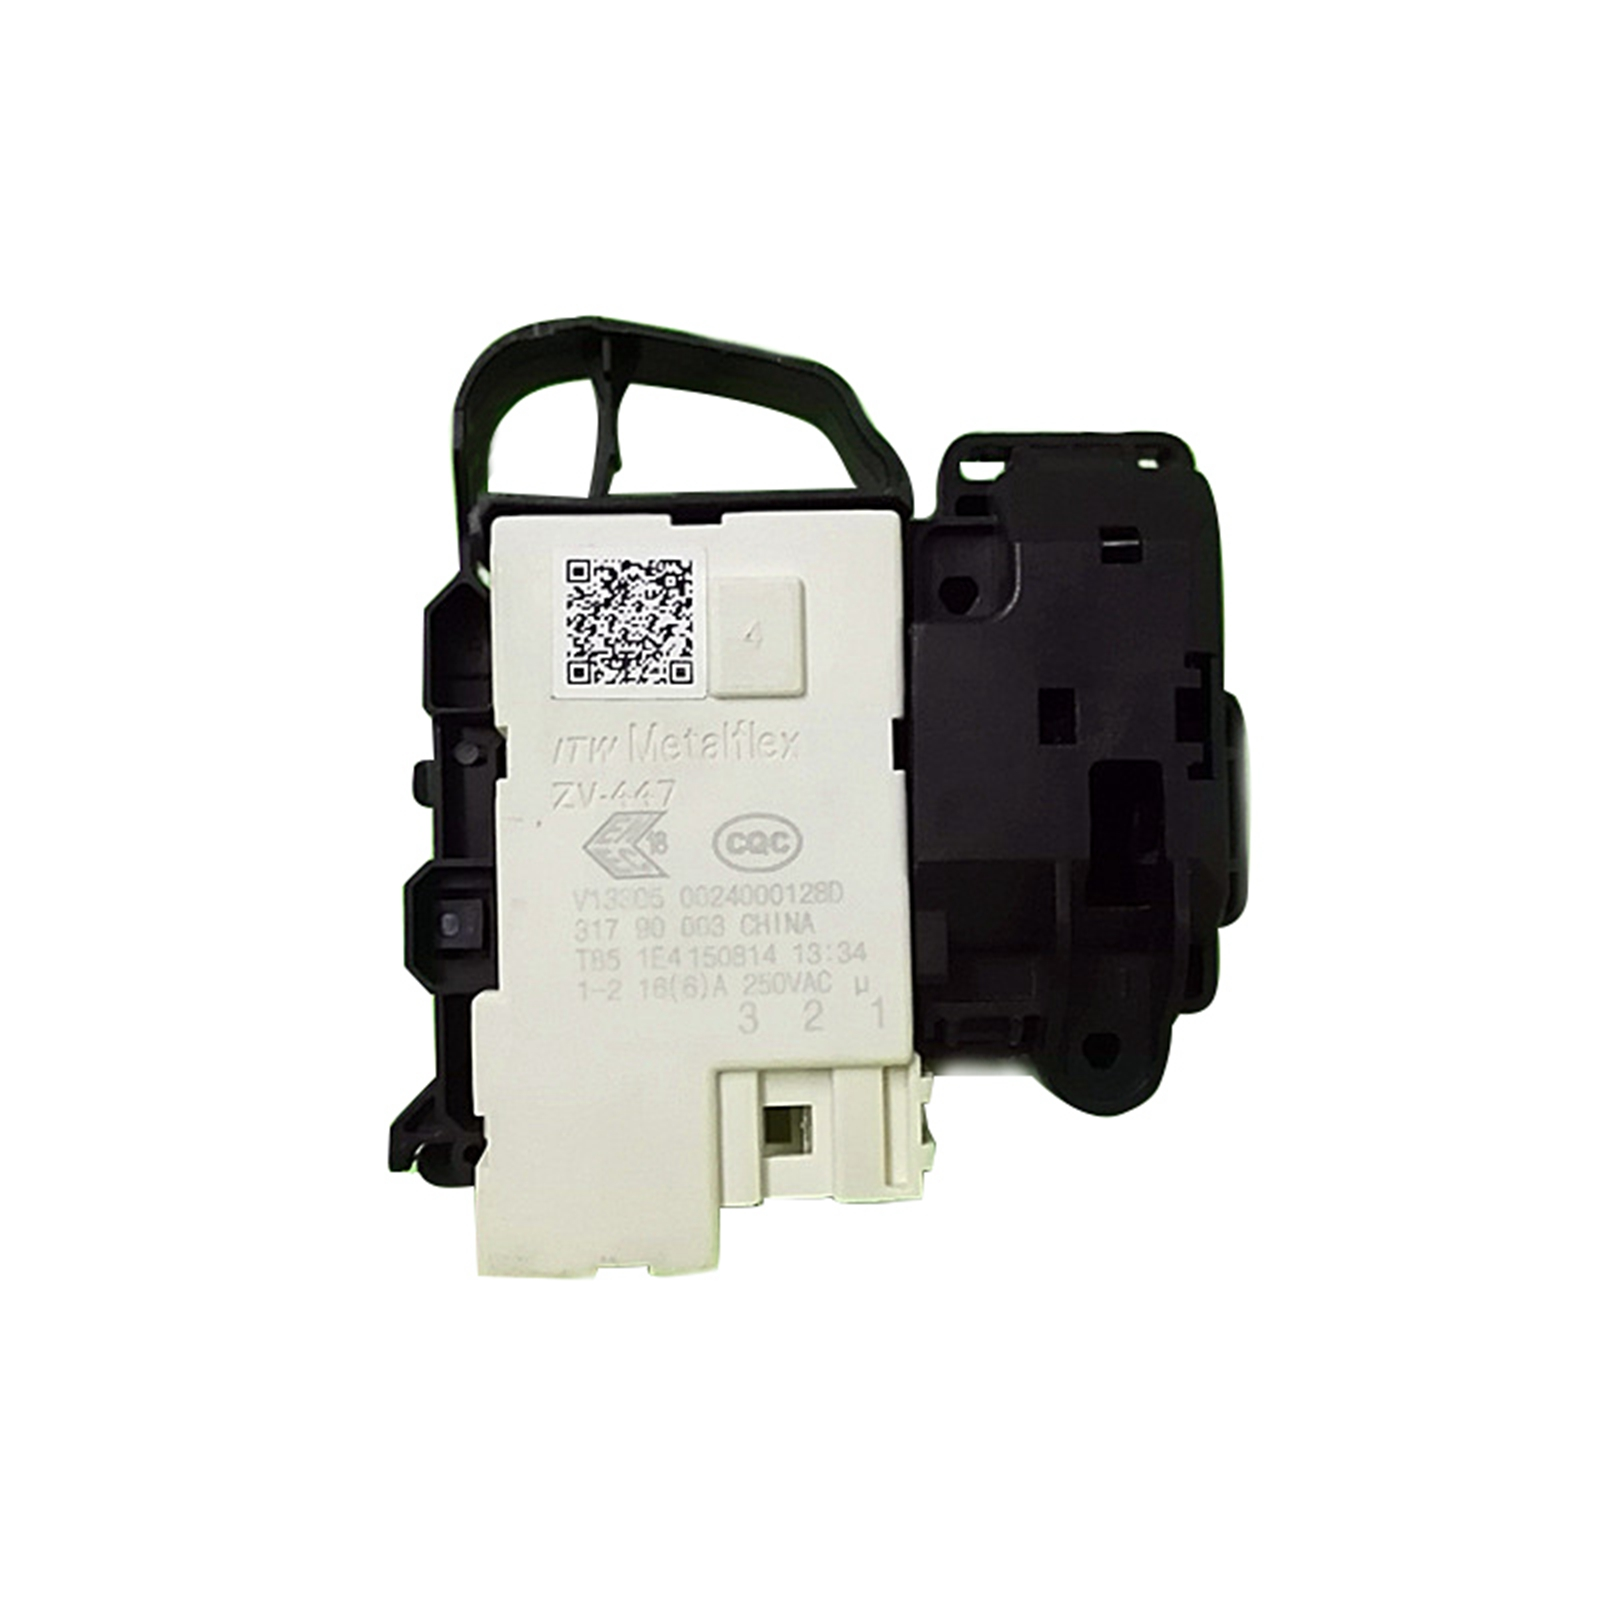 1pc ZV-447 Deurslot Vertraging Schakelaar Wasmachine Onderdelen voor Whirlpool/Hairer ZV-447 Schakelaar voor 0024000128A, 0024000128D